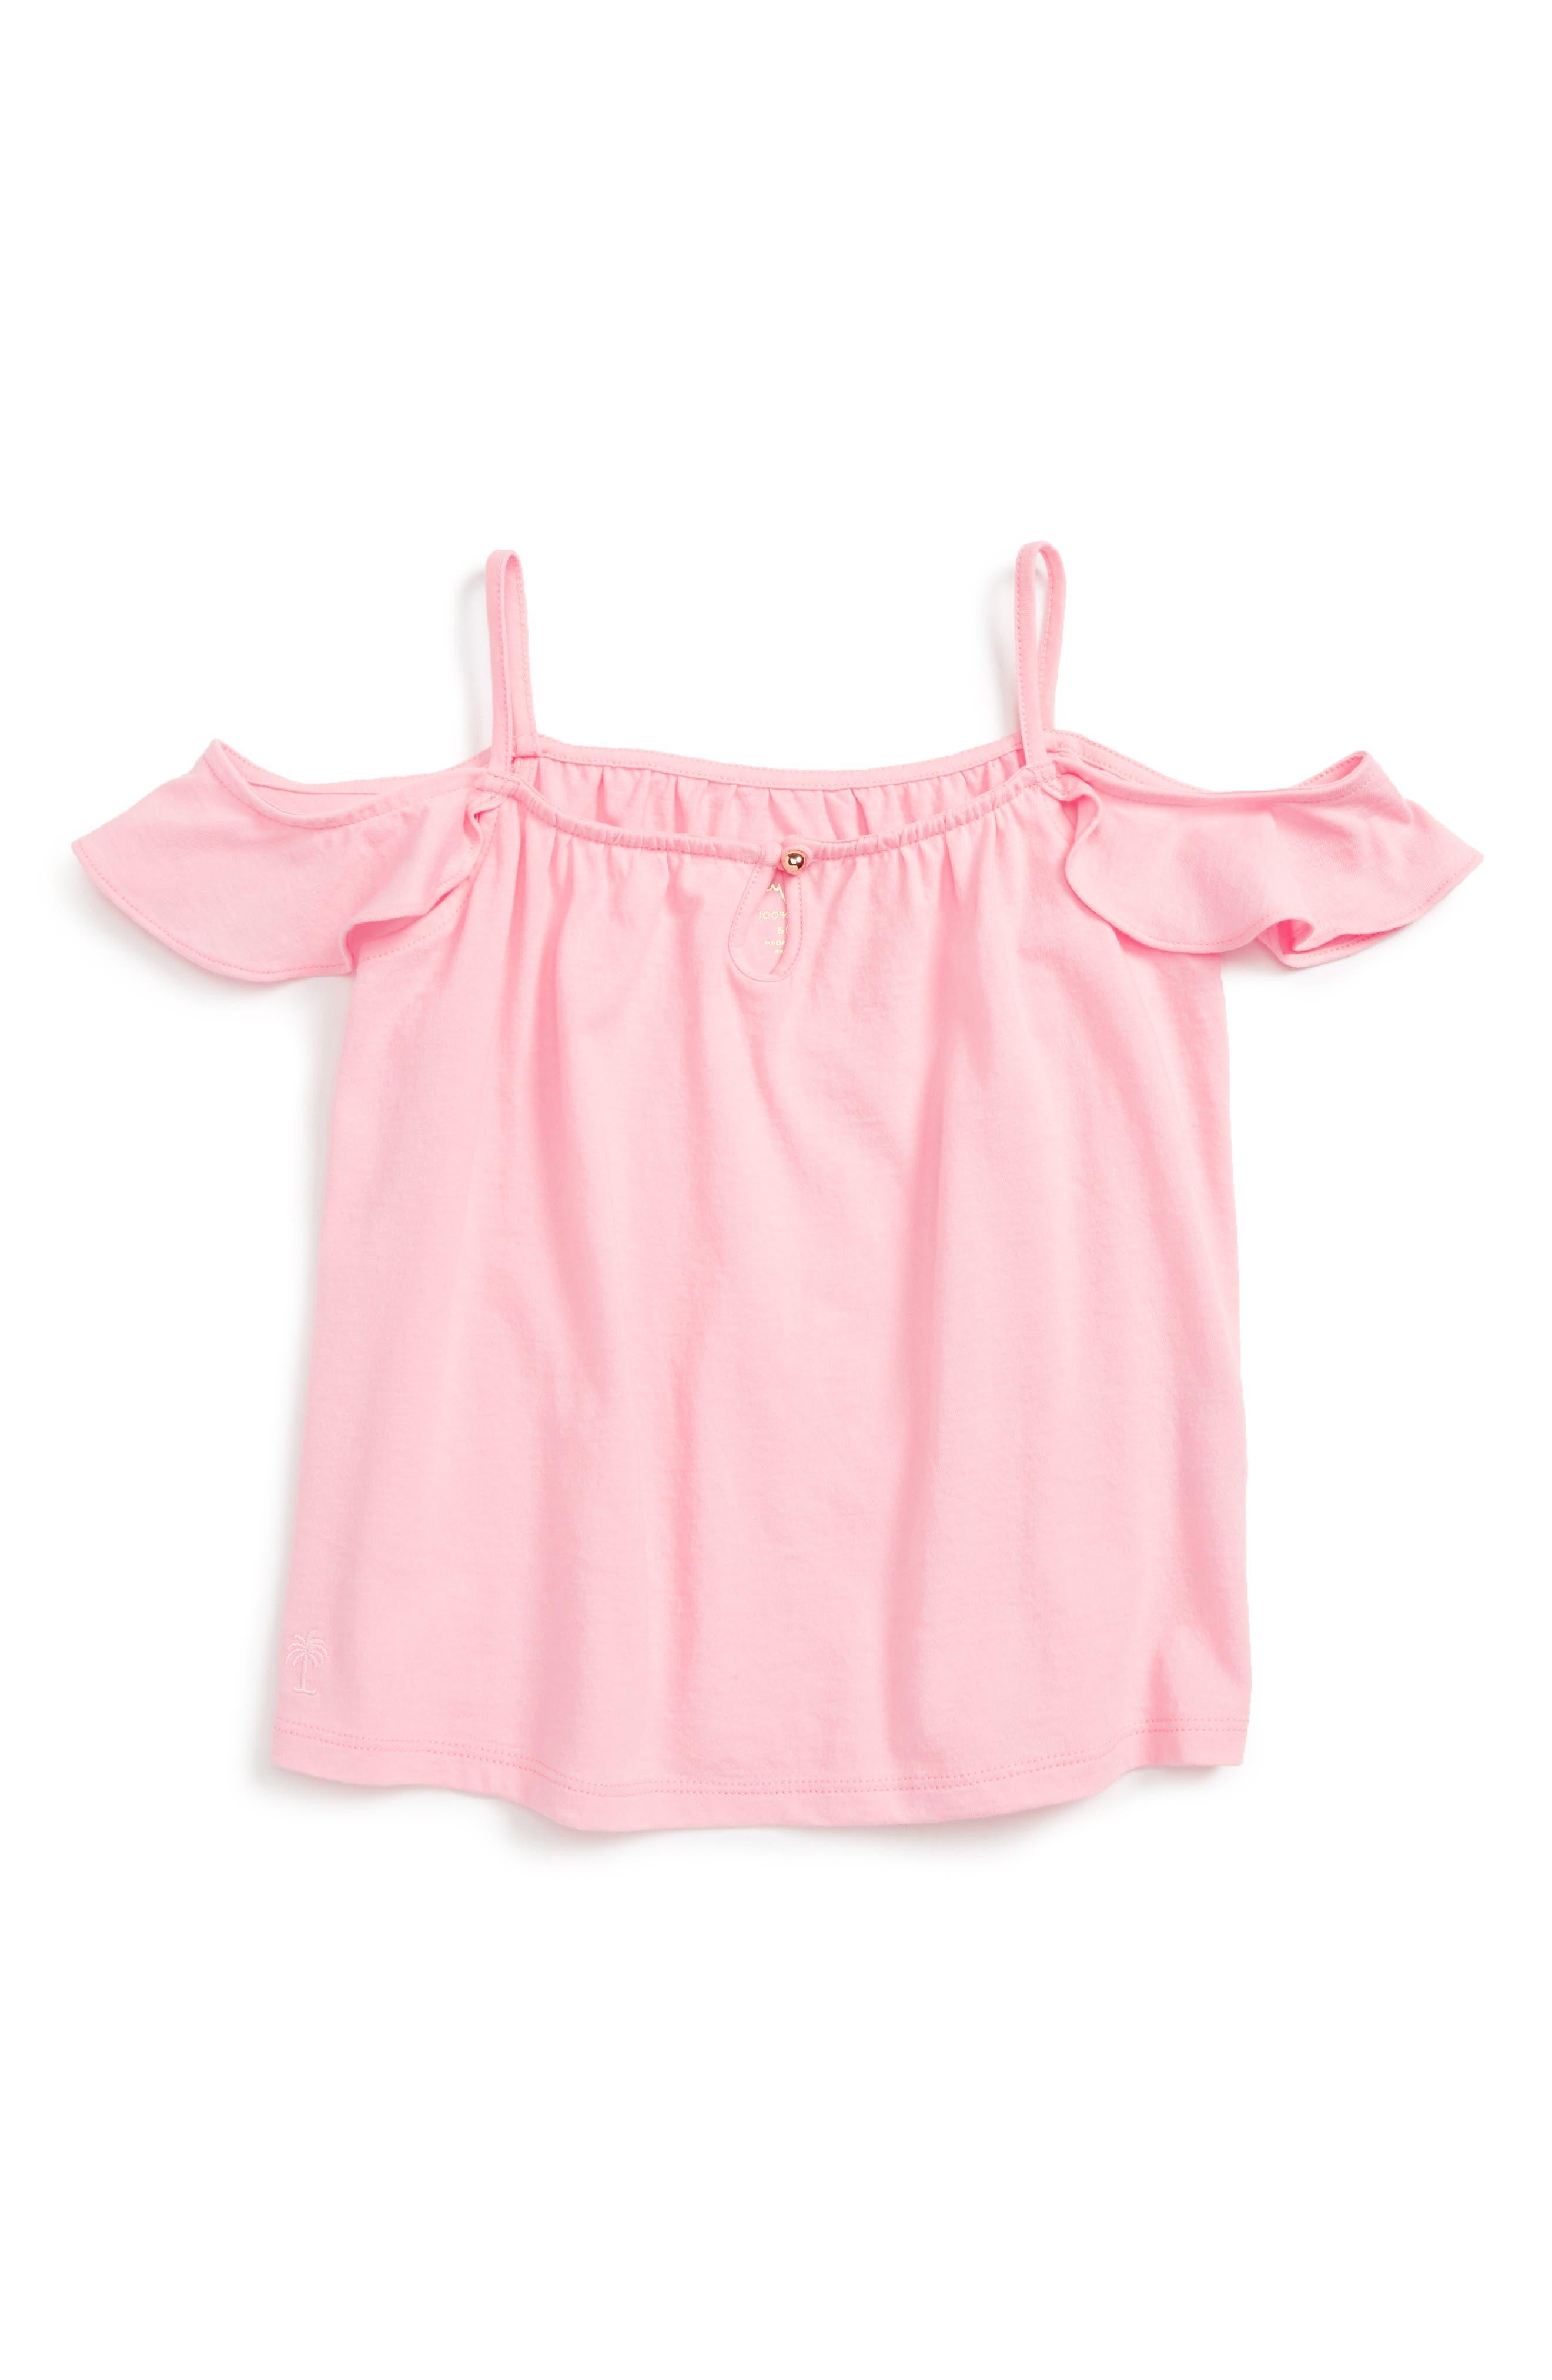 Lilly Pulitzer® Payne Cold Shoulder Top (Toddler Girls, Little Girls & Big Girls)